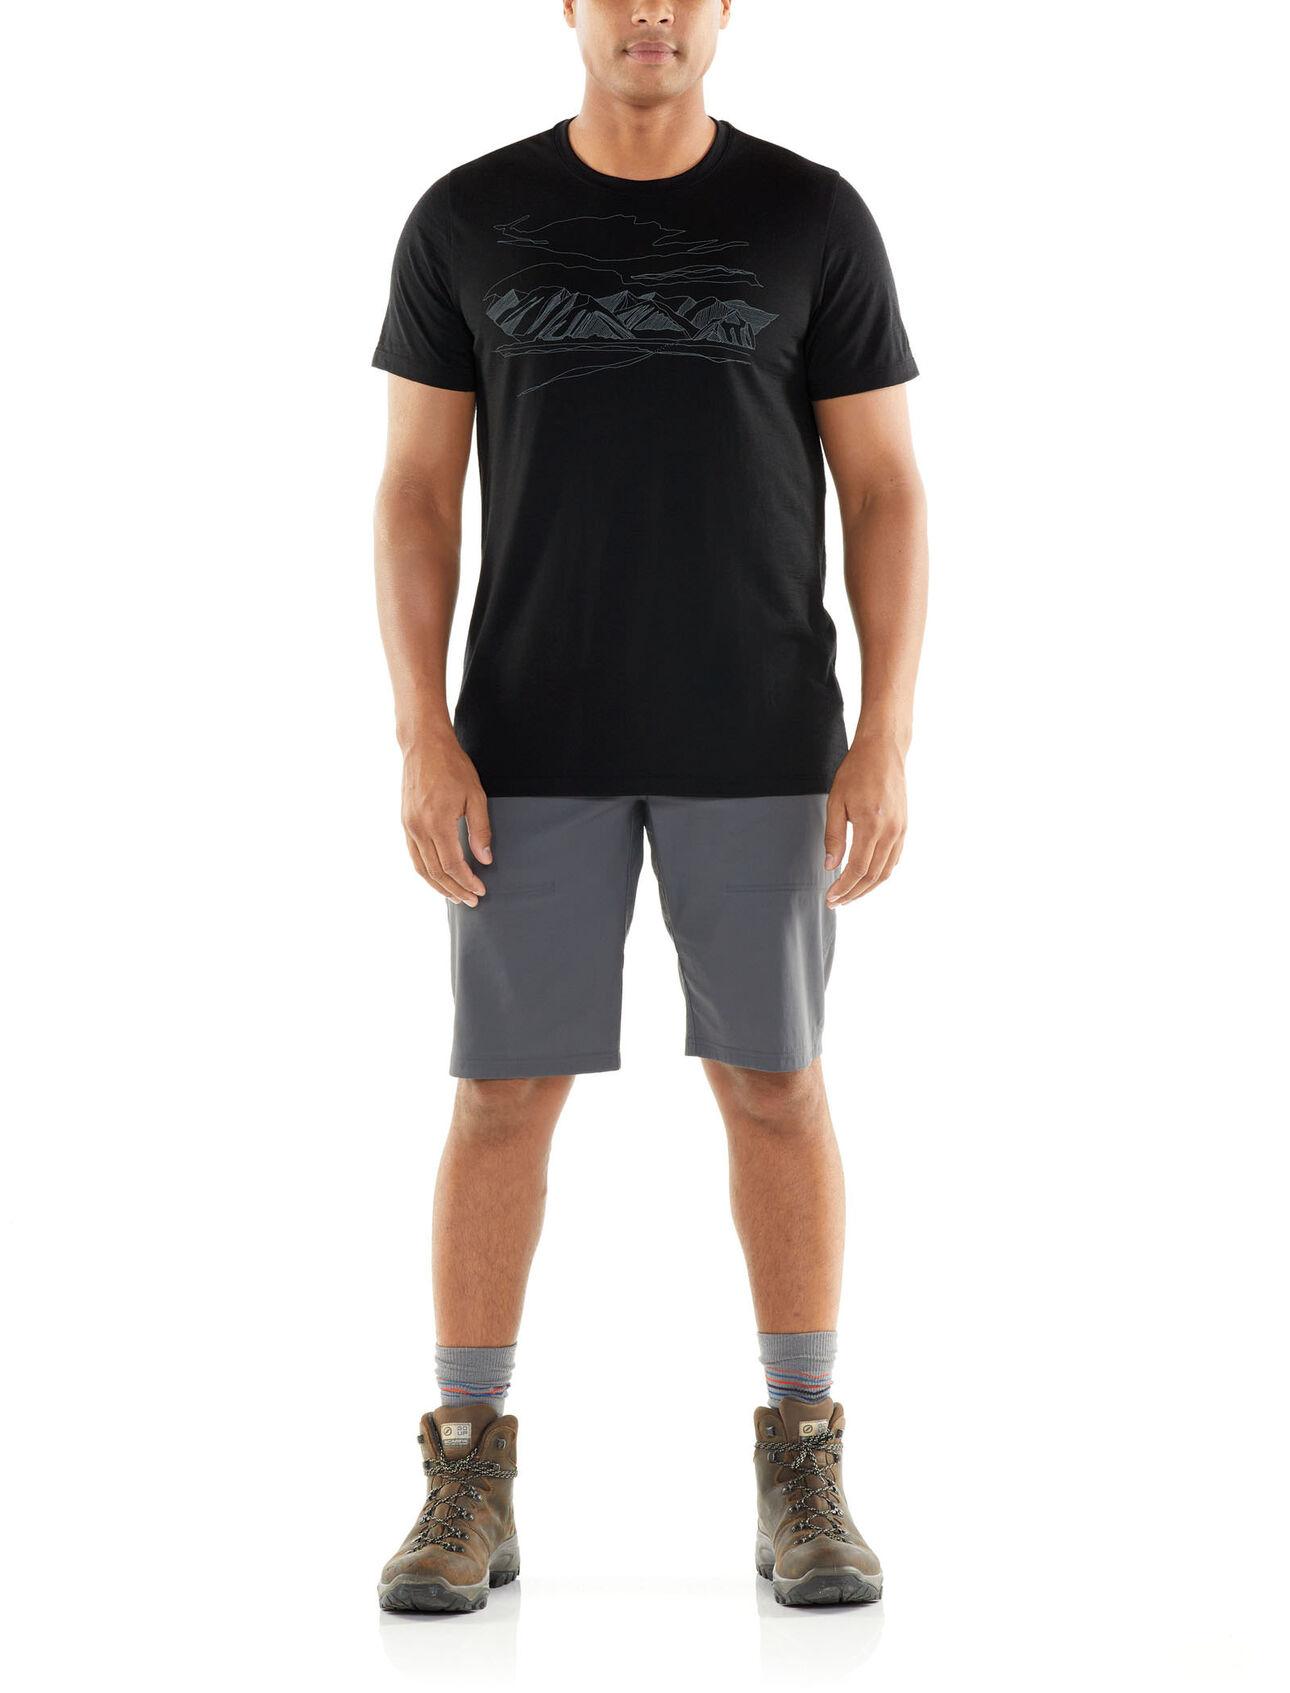 Icebreaker Herren Spector Crewe Coronet Peak T-Shirt Merinoshirt NEU